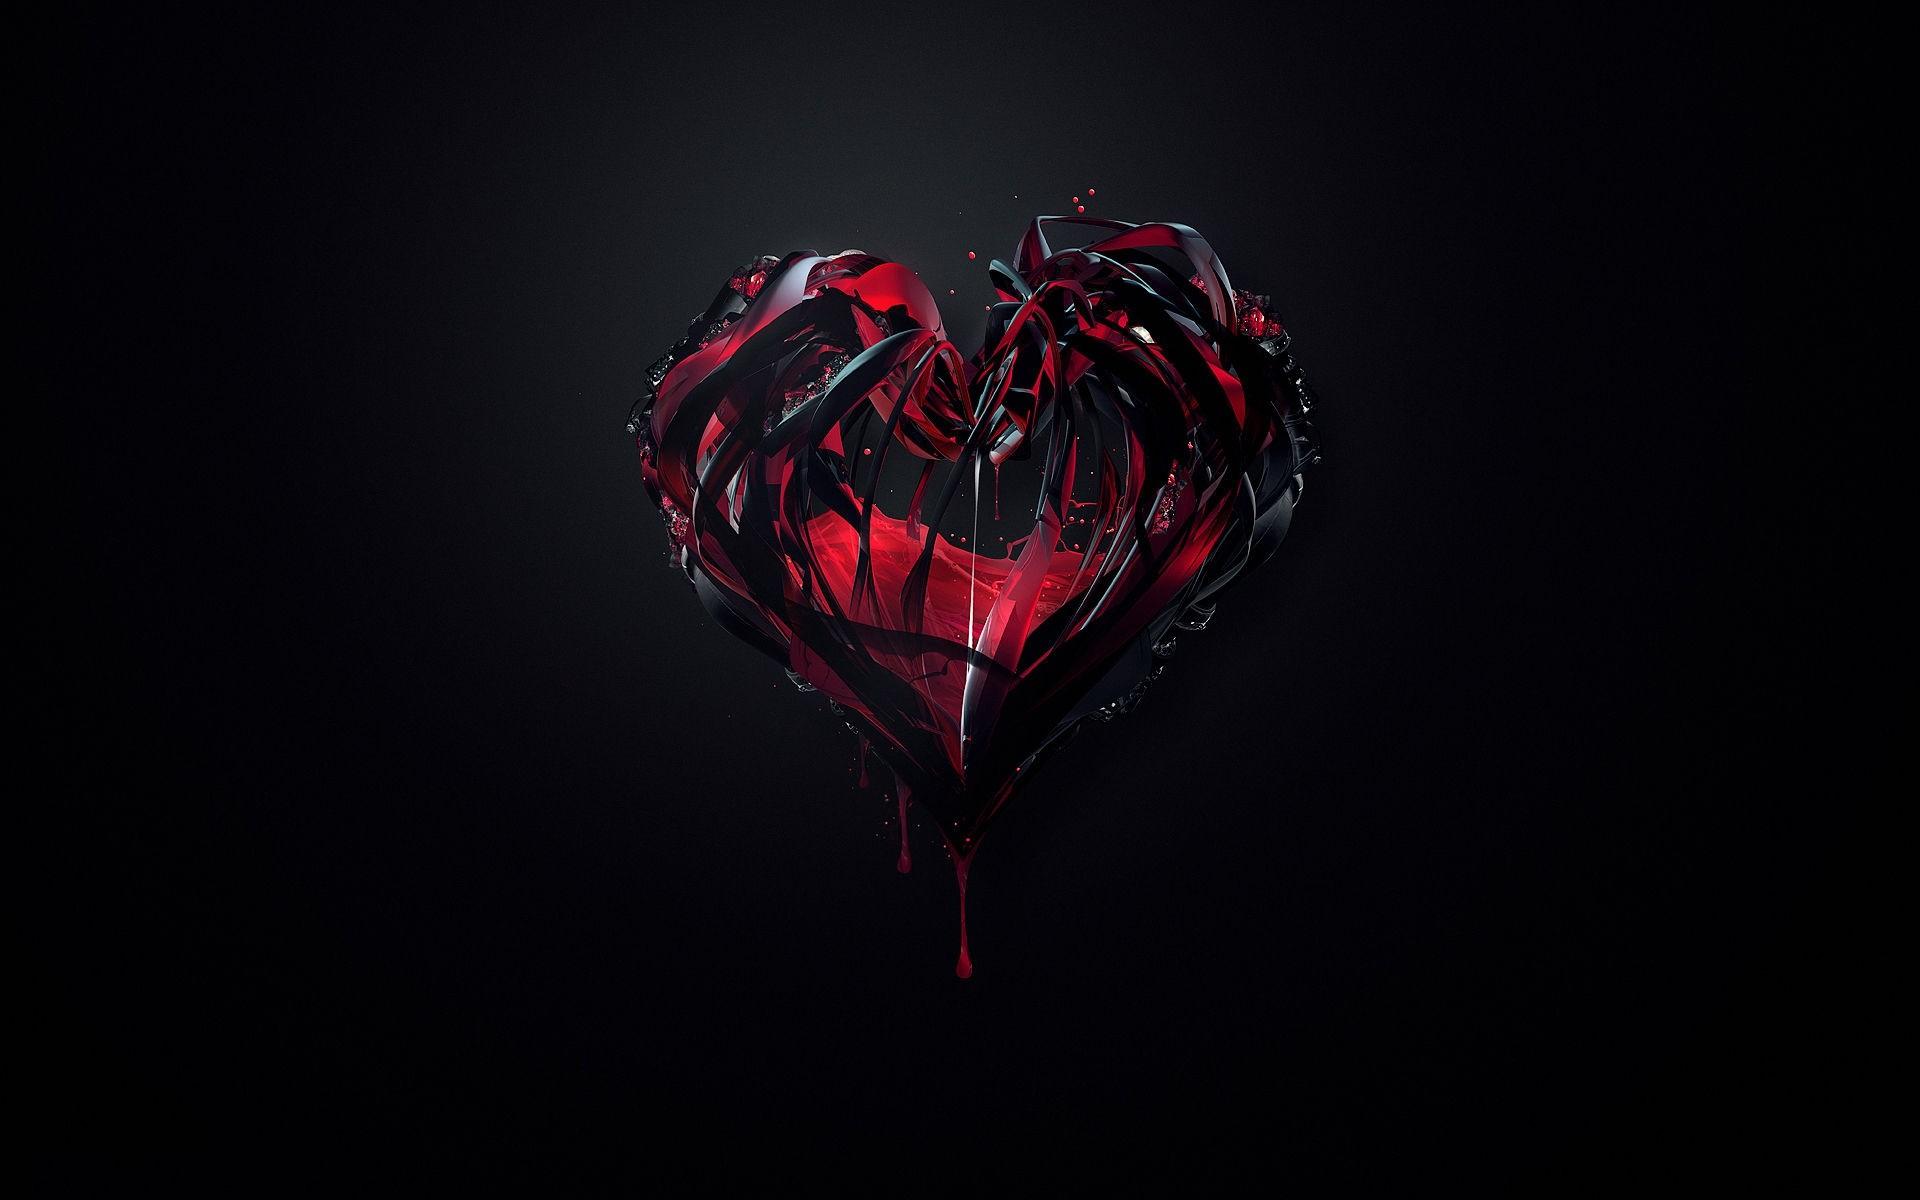 Heartbroken Wallpaper (64+ Images